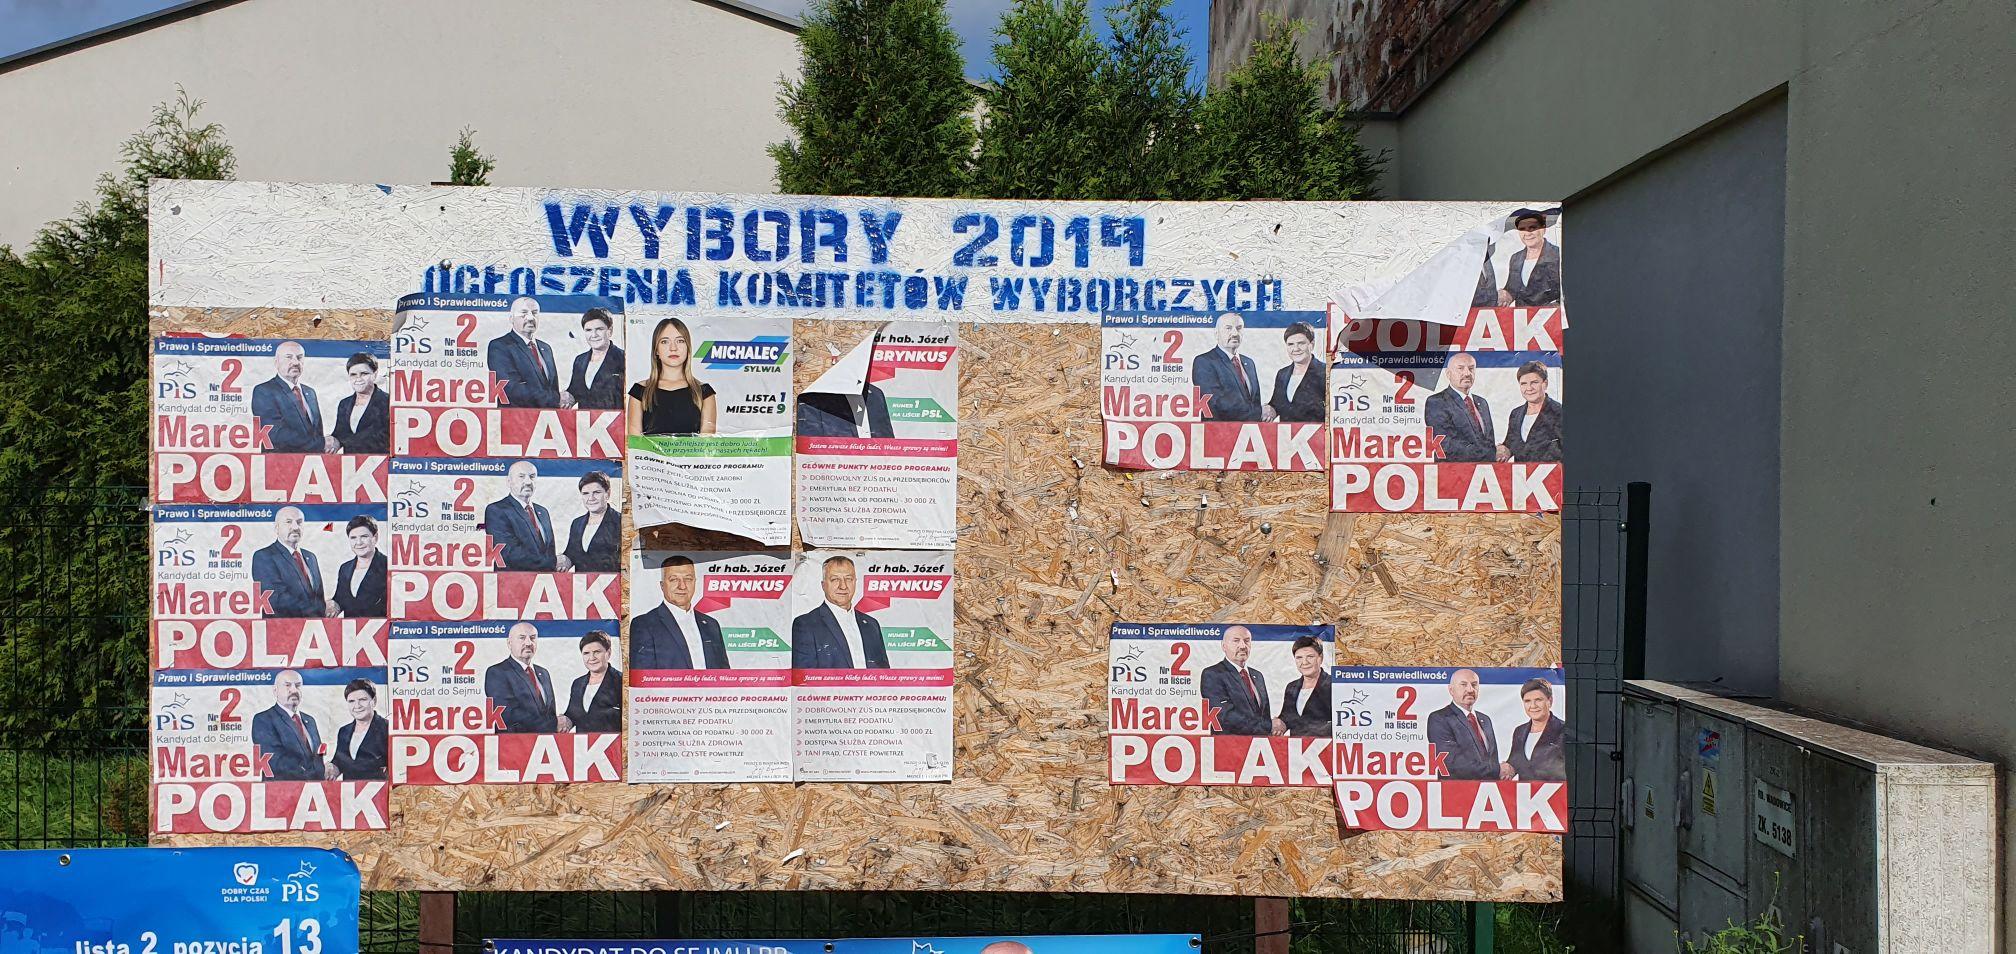 Tak wyglądała ta kampania. Lista wszystkich kandydatów